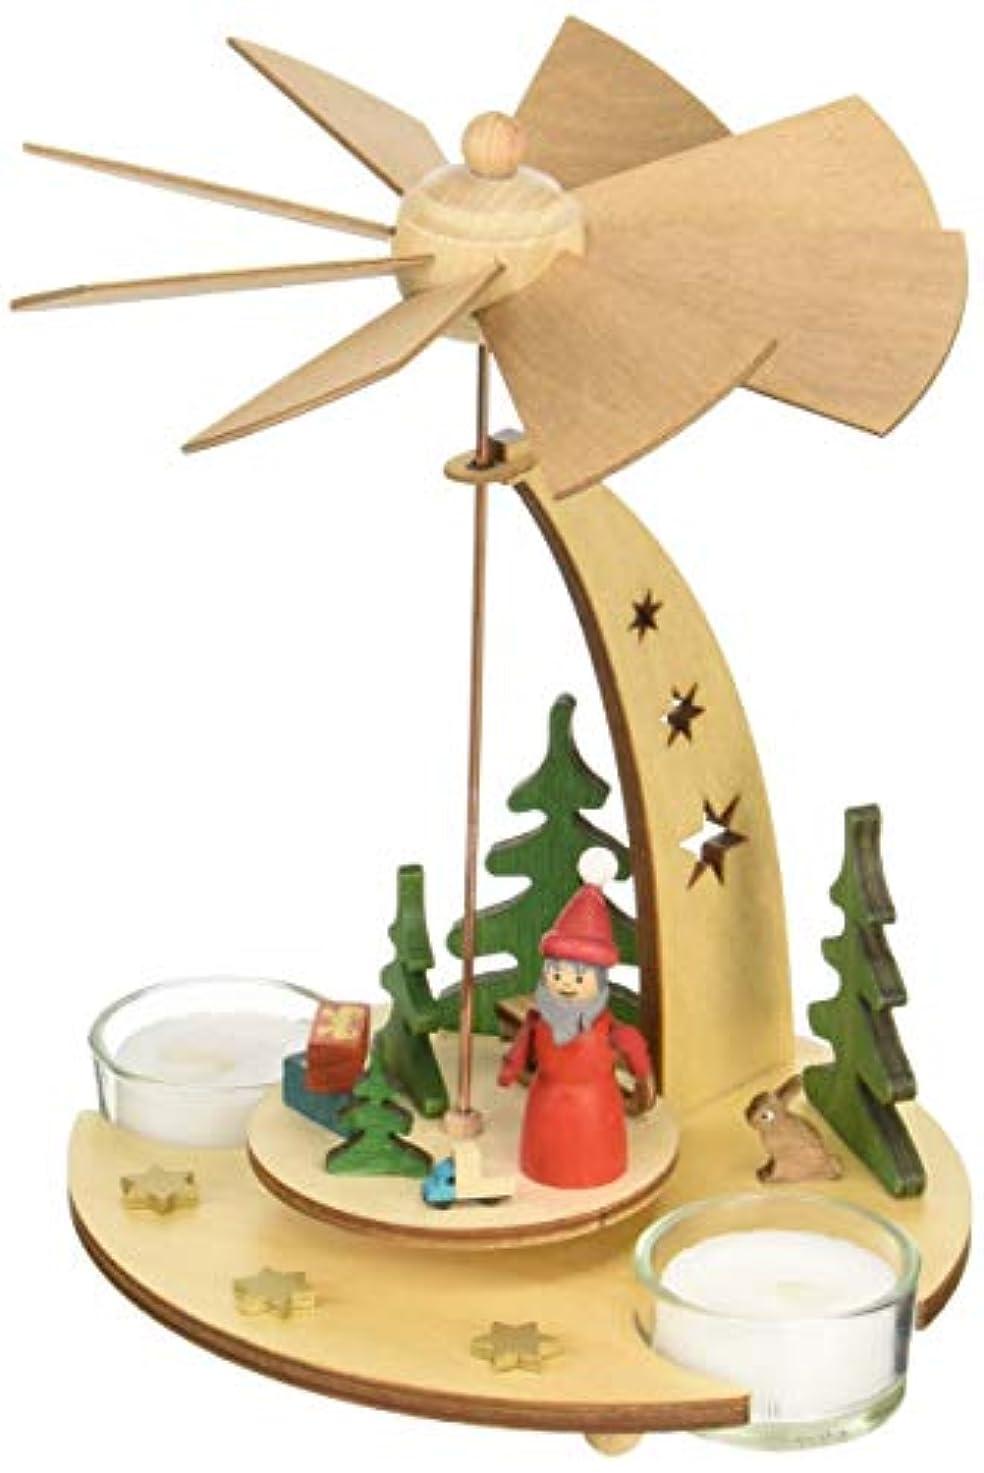 神秘的な民間人ロイヤリティkuhnert クリスマスピラミッド サンタクロース